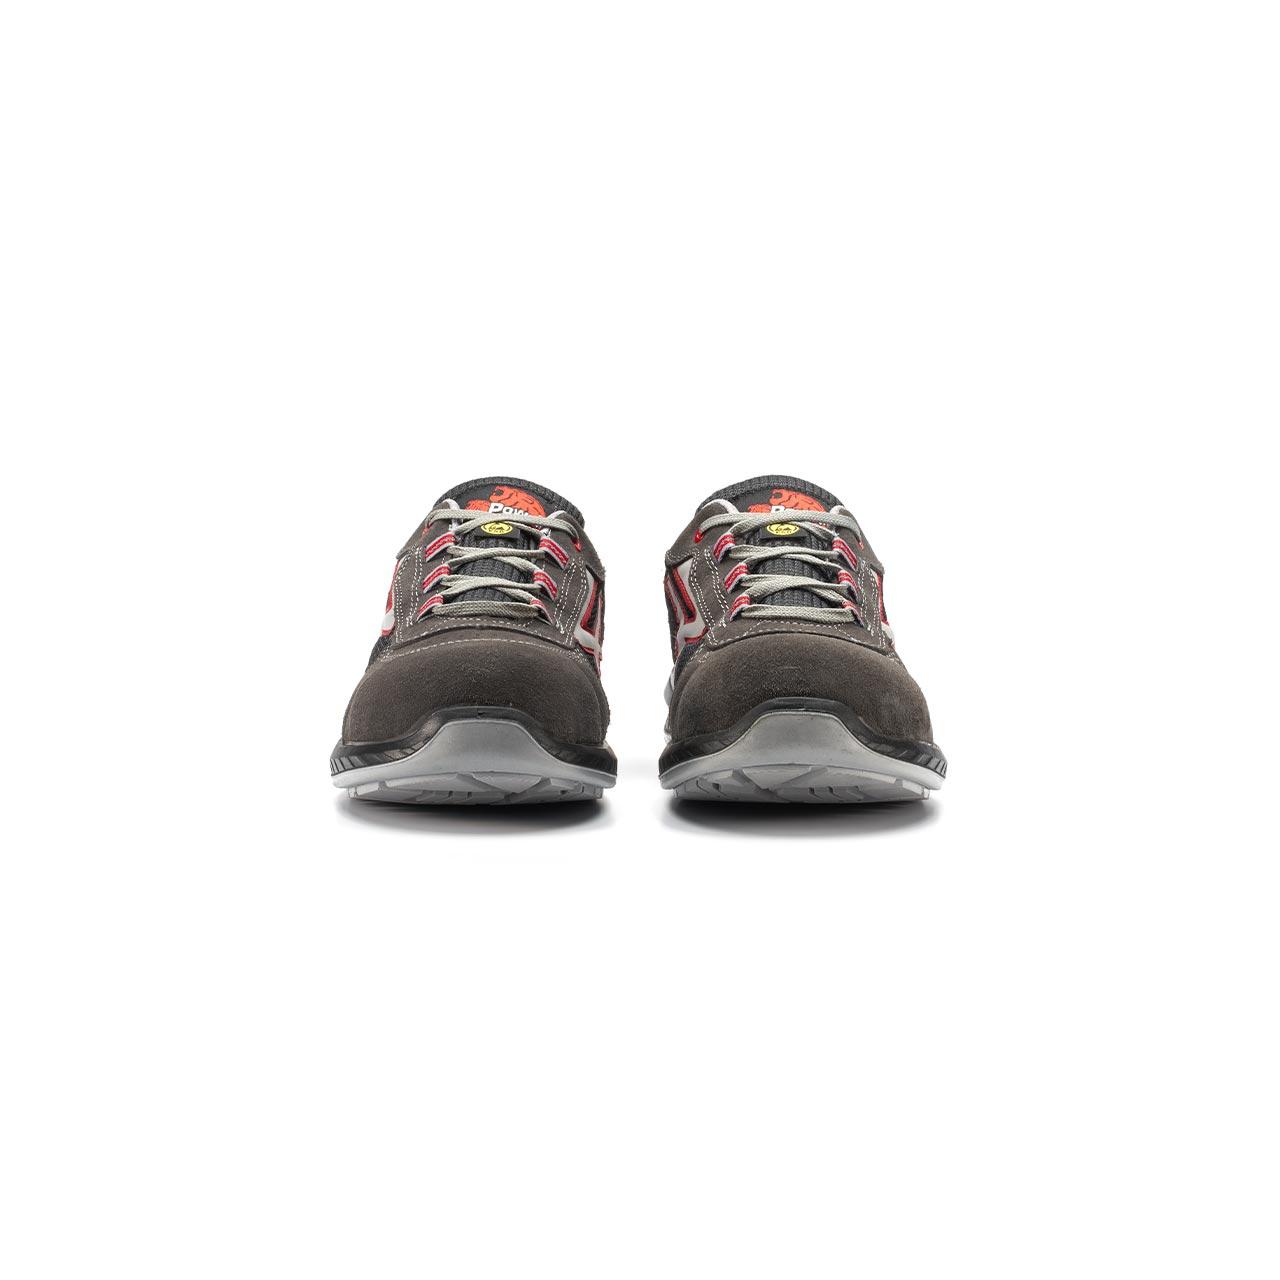 paio di scarpe antinfortunistiche upower modello demon linea redindustry vista frontale